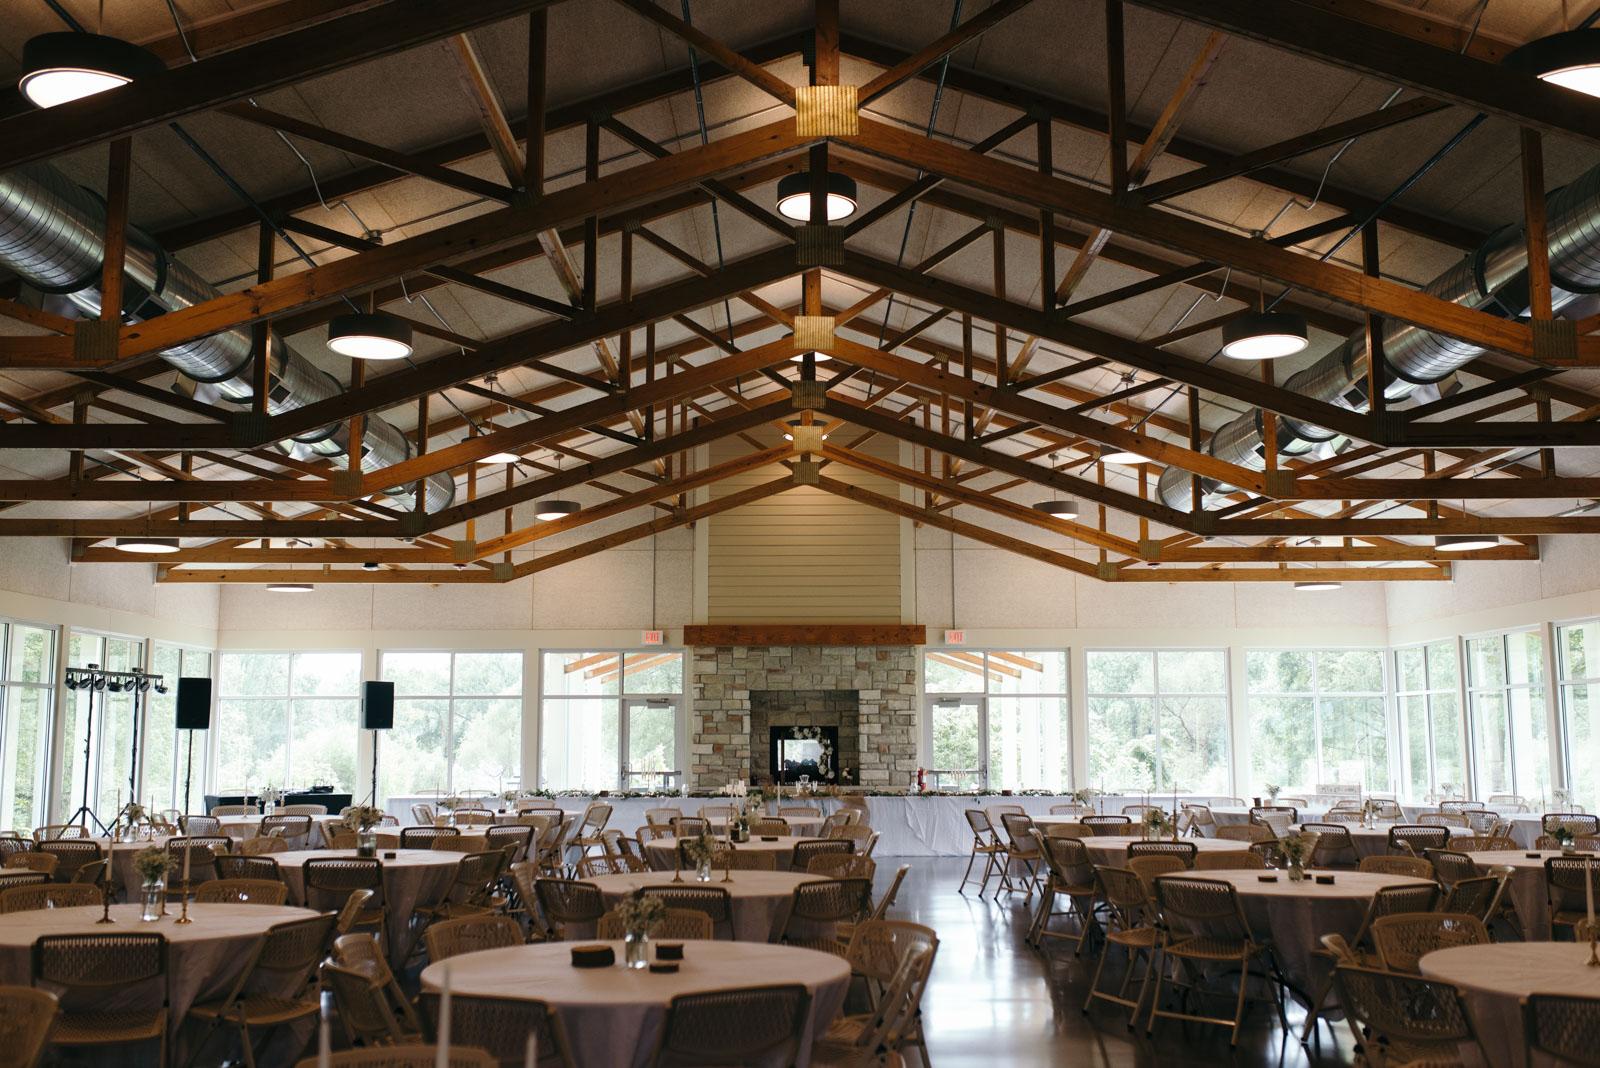 Ushers Ferry Historic Village Wedding Reception Setup